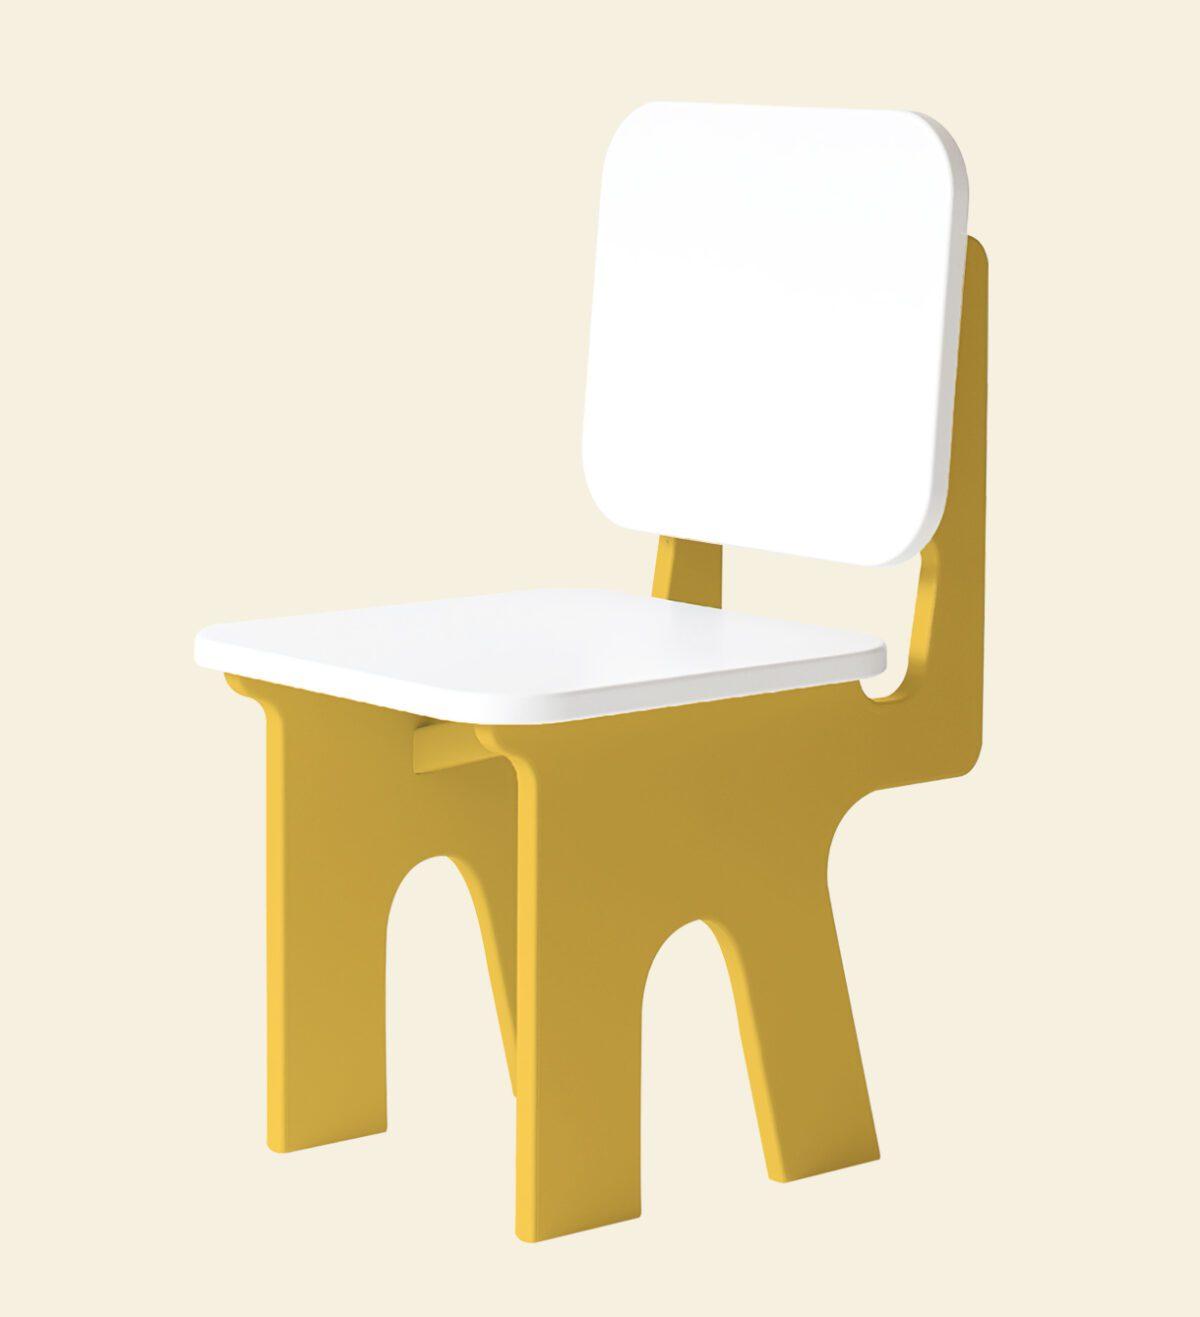 Kinderstoel Dippedee geel